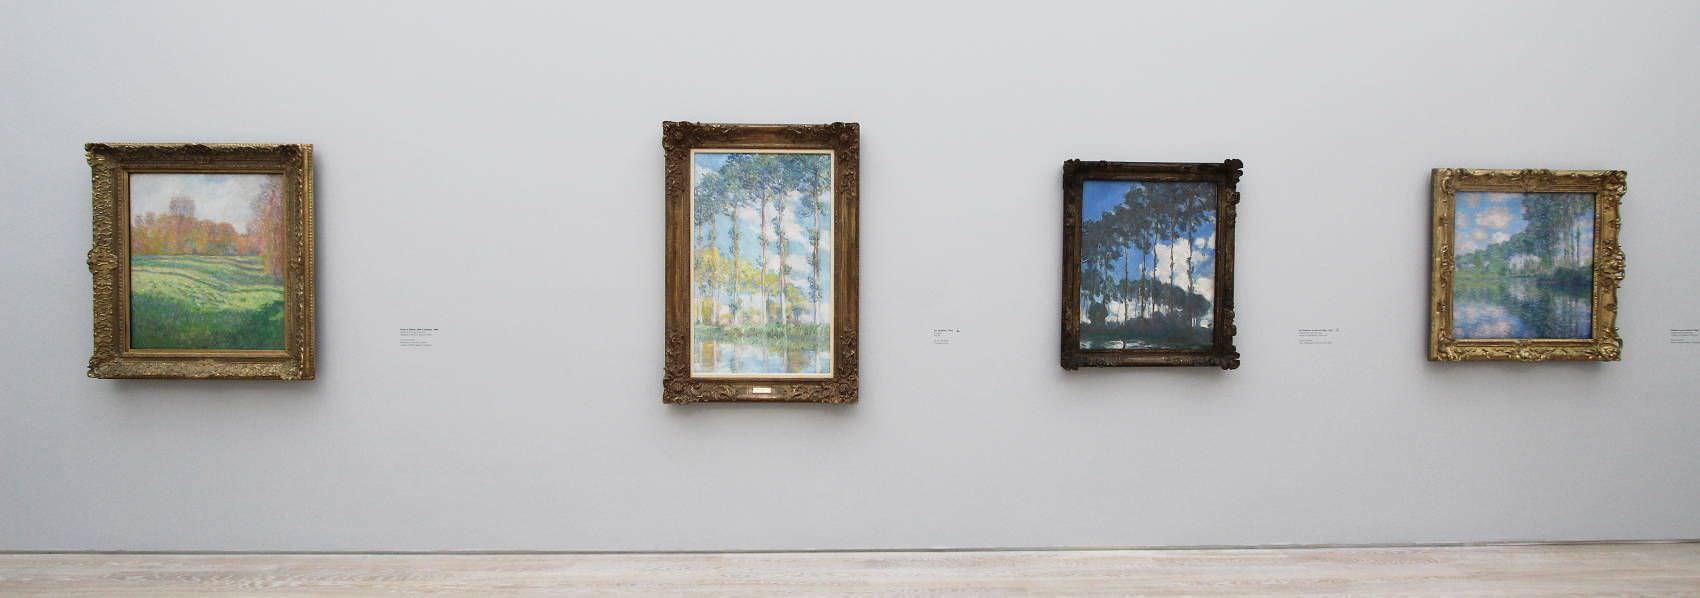 Monet in der Fondation Beyeler (Wiese im Herbst und drei Pappeln), Foto: Alexandra Matzner, ARTinWORDS.